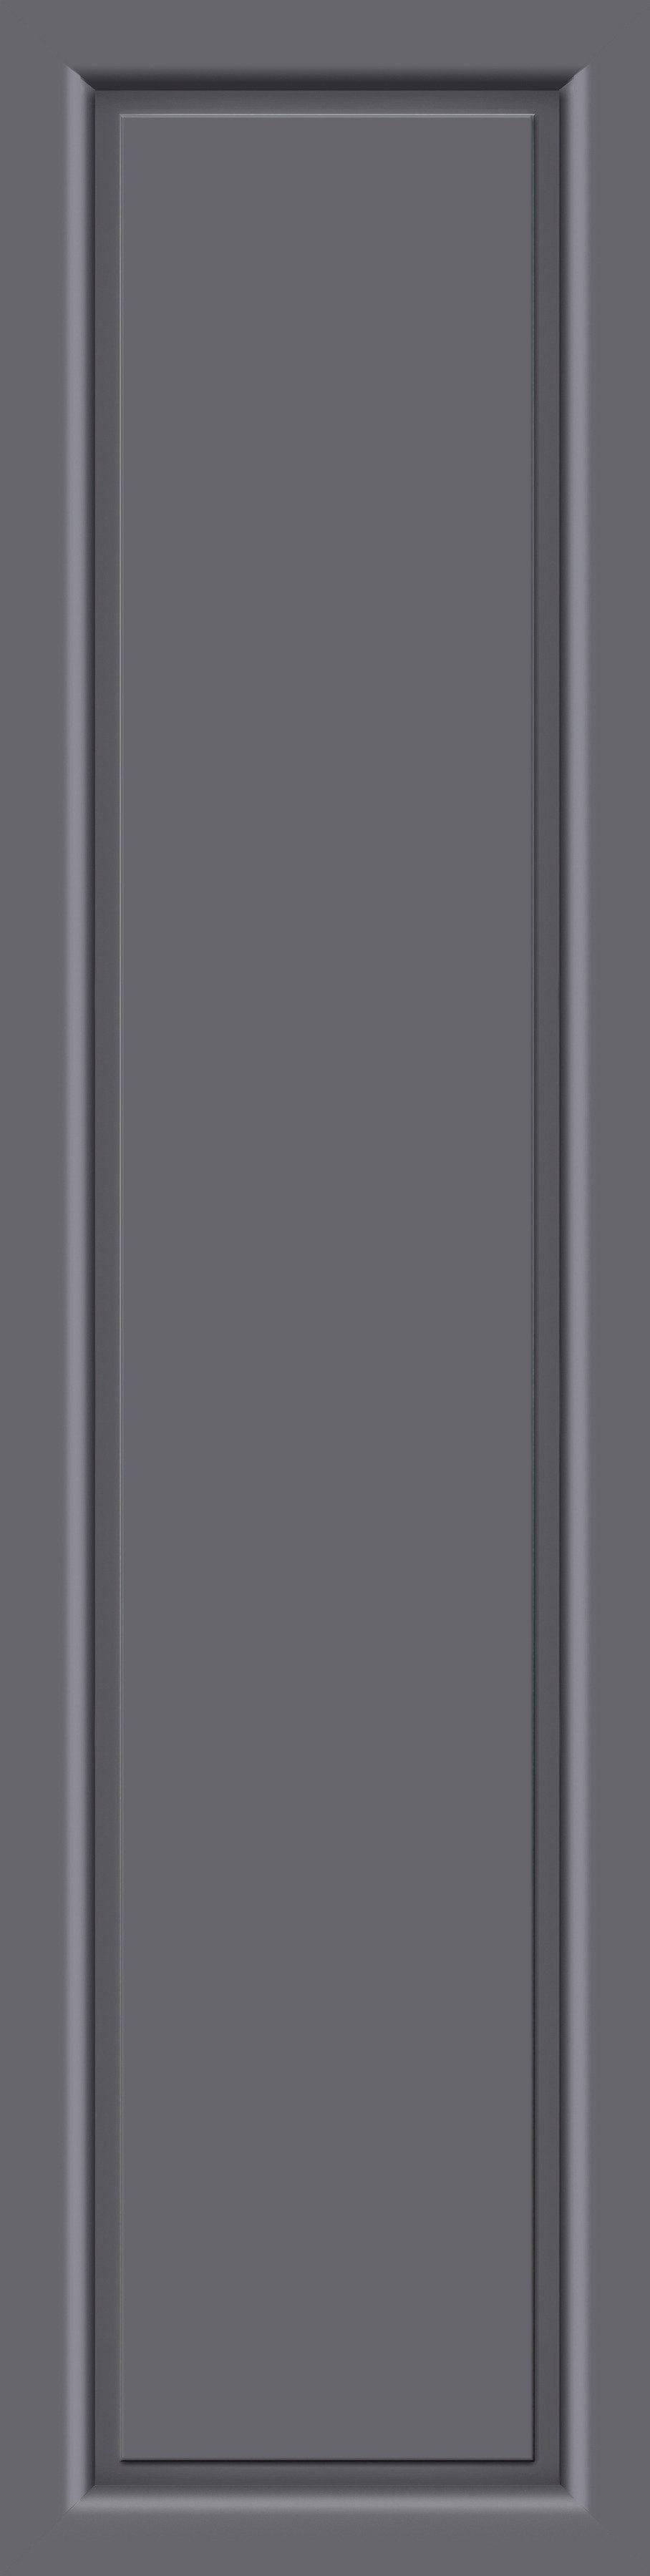 KM MEETH ZAUN GMBH Seitenteile »S04«, für Alu-Haustür, BxH: 50x198 cm, anthrazit